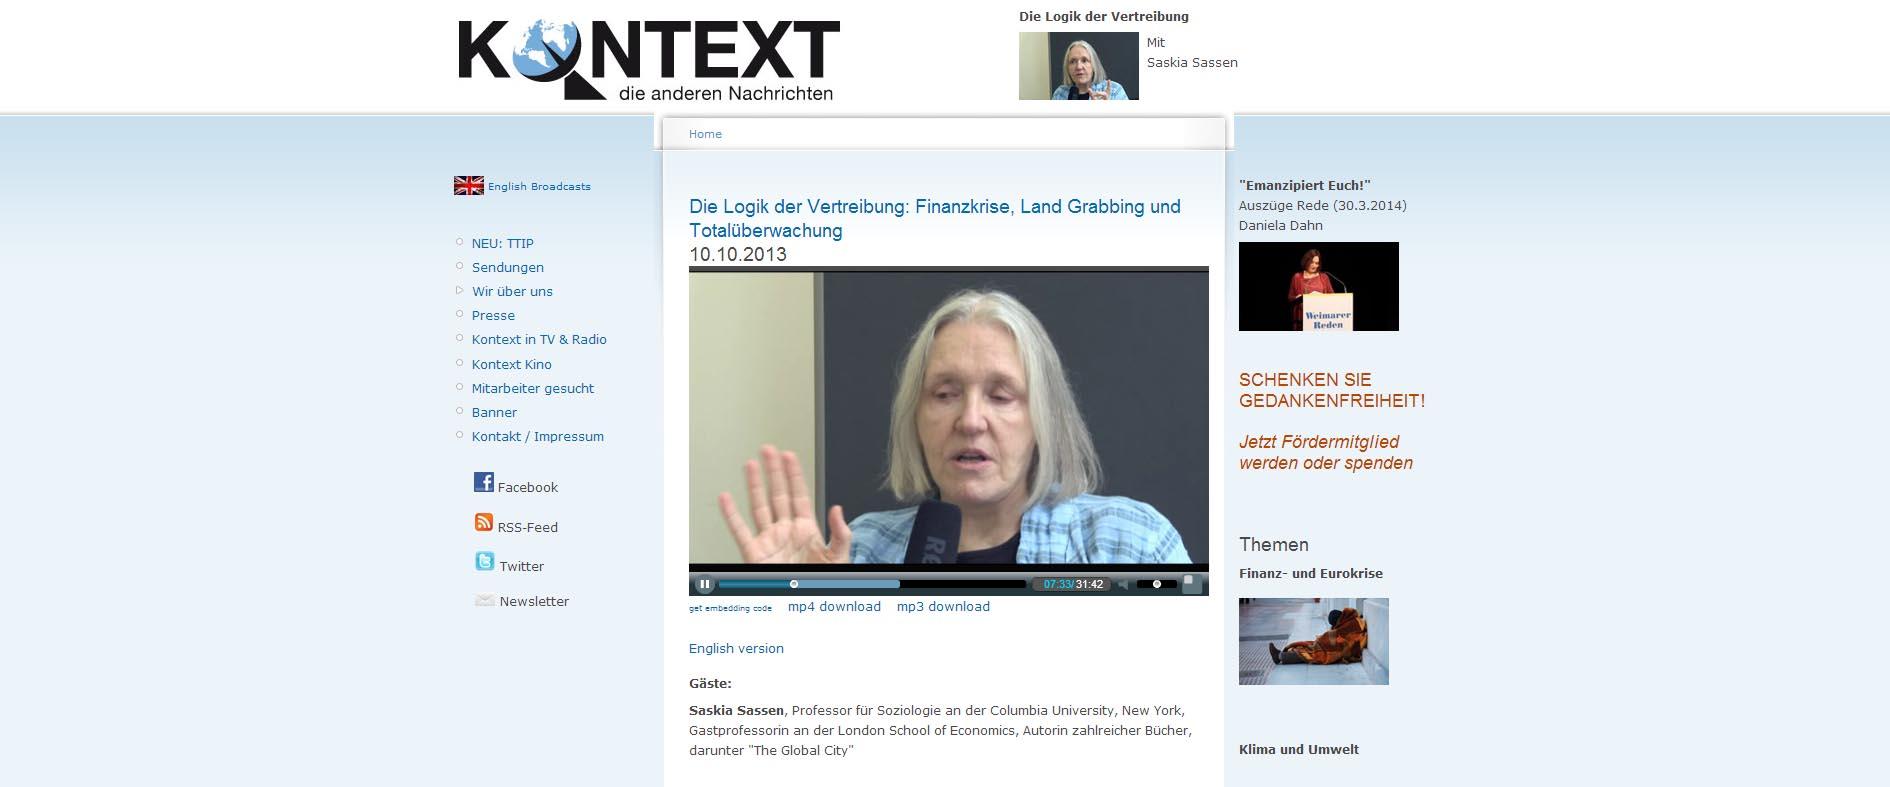 kontex-tv-screen-01